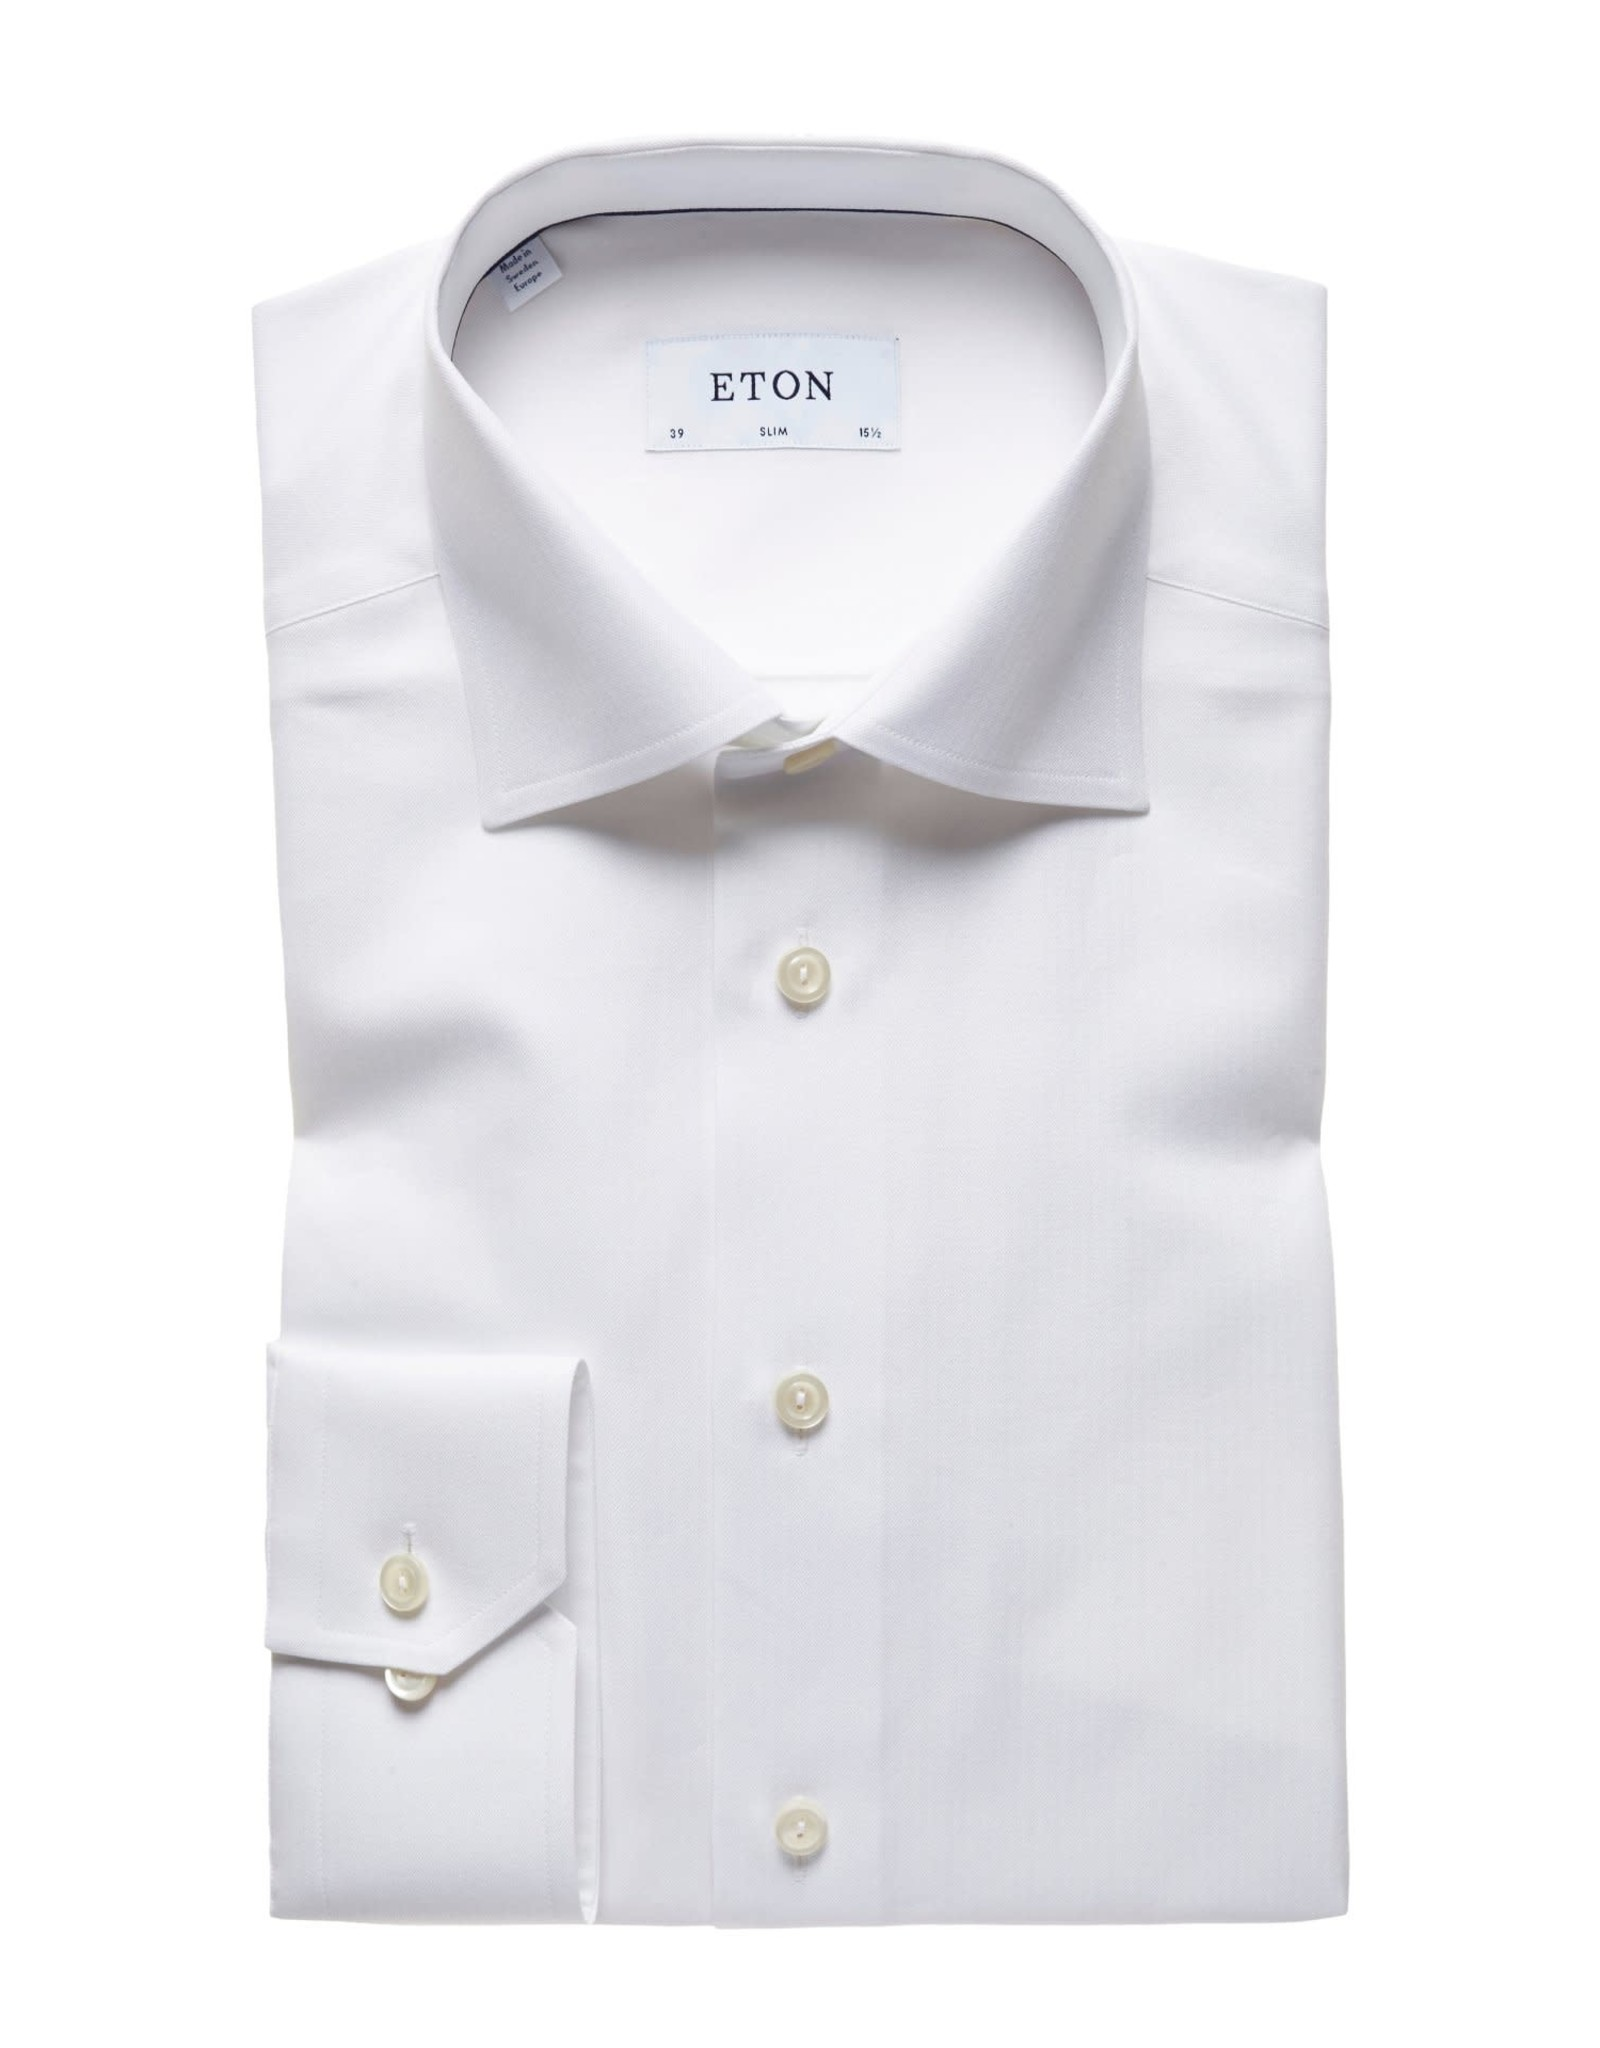 Eton Eton hemd wit slim 3072-79511/00